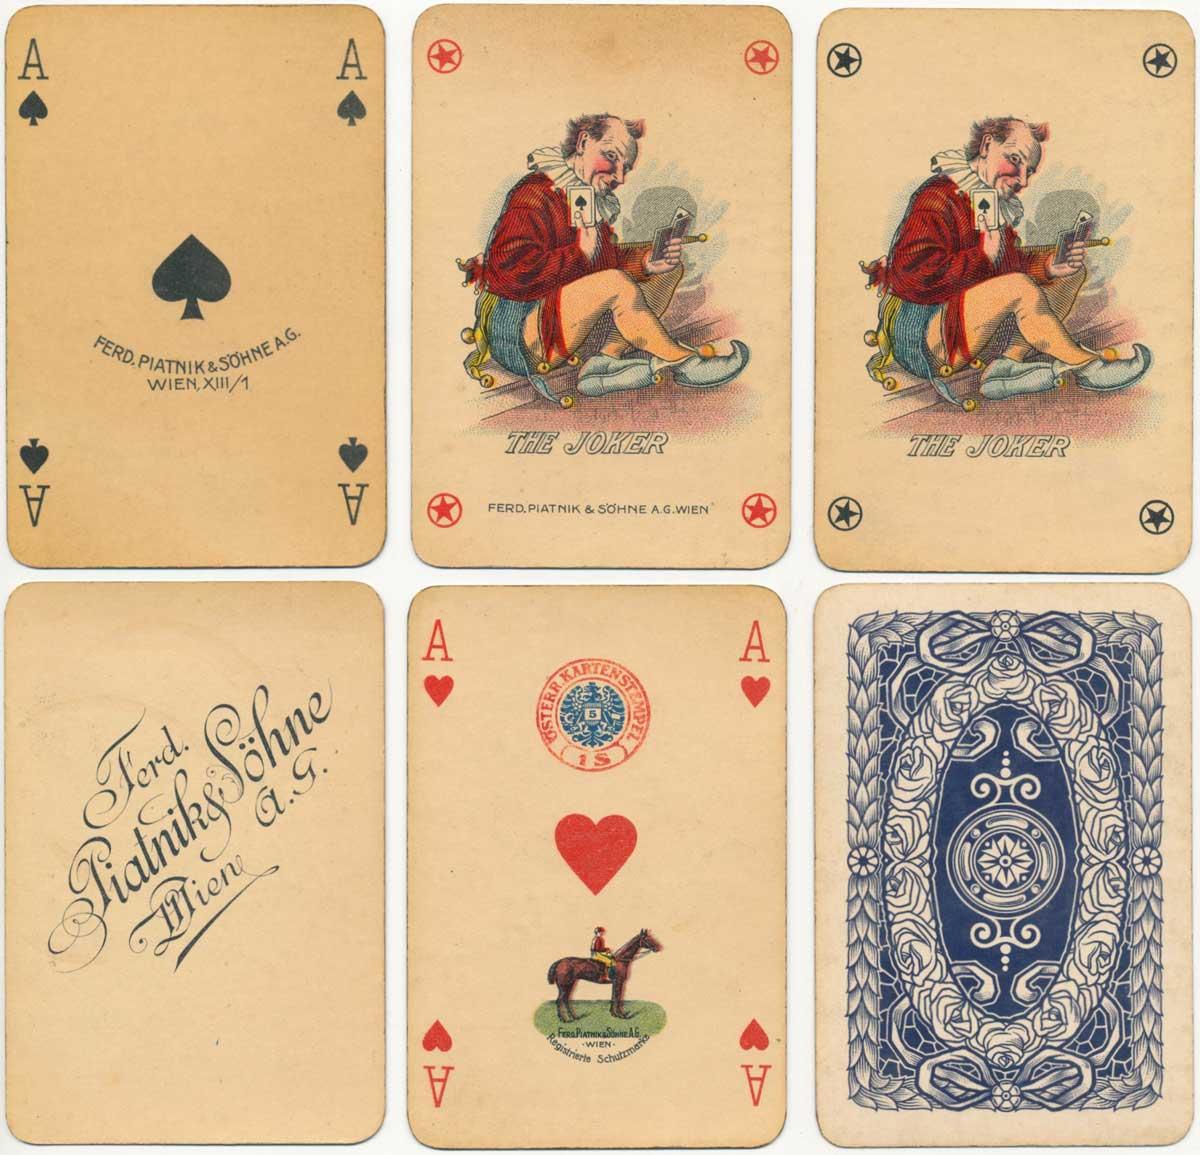 Lyon Pattern by Ferd Piatnik & Söhne A.G., c.1926-1934